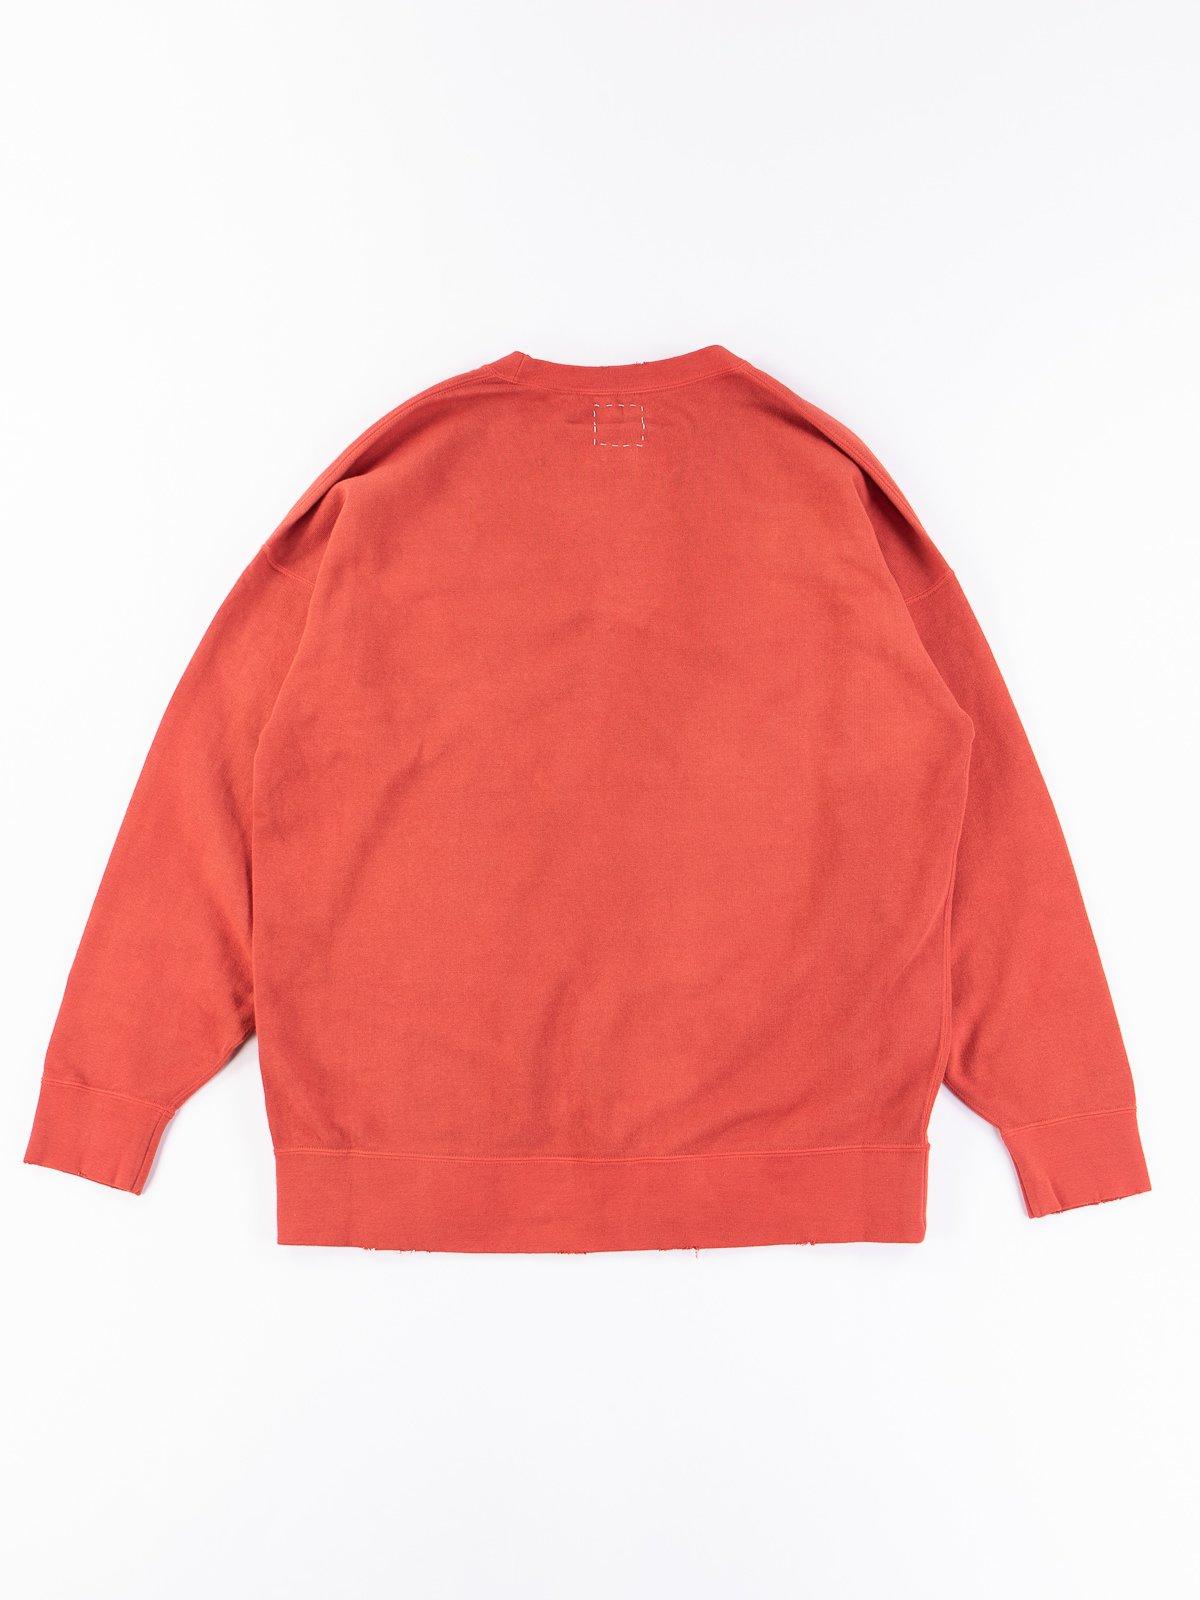 Red Uneven Dye Jumbo Long Sleeve Sweatshirt - Image 4